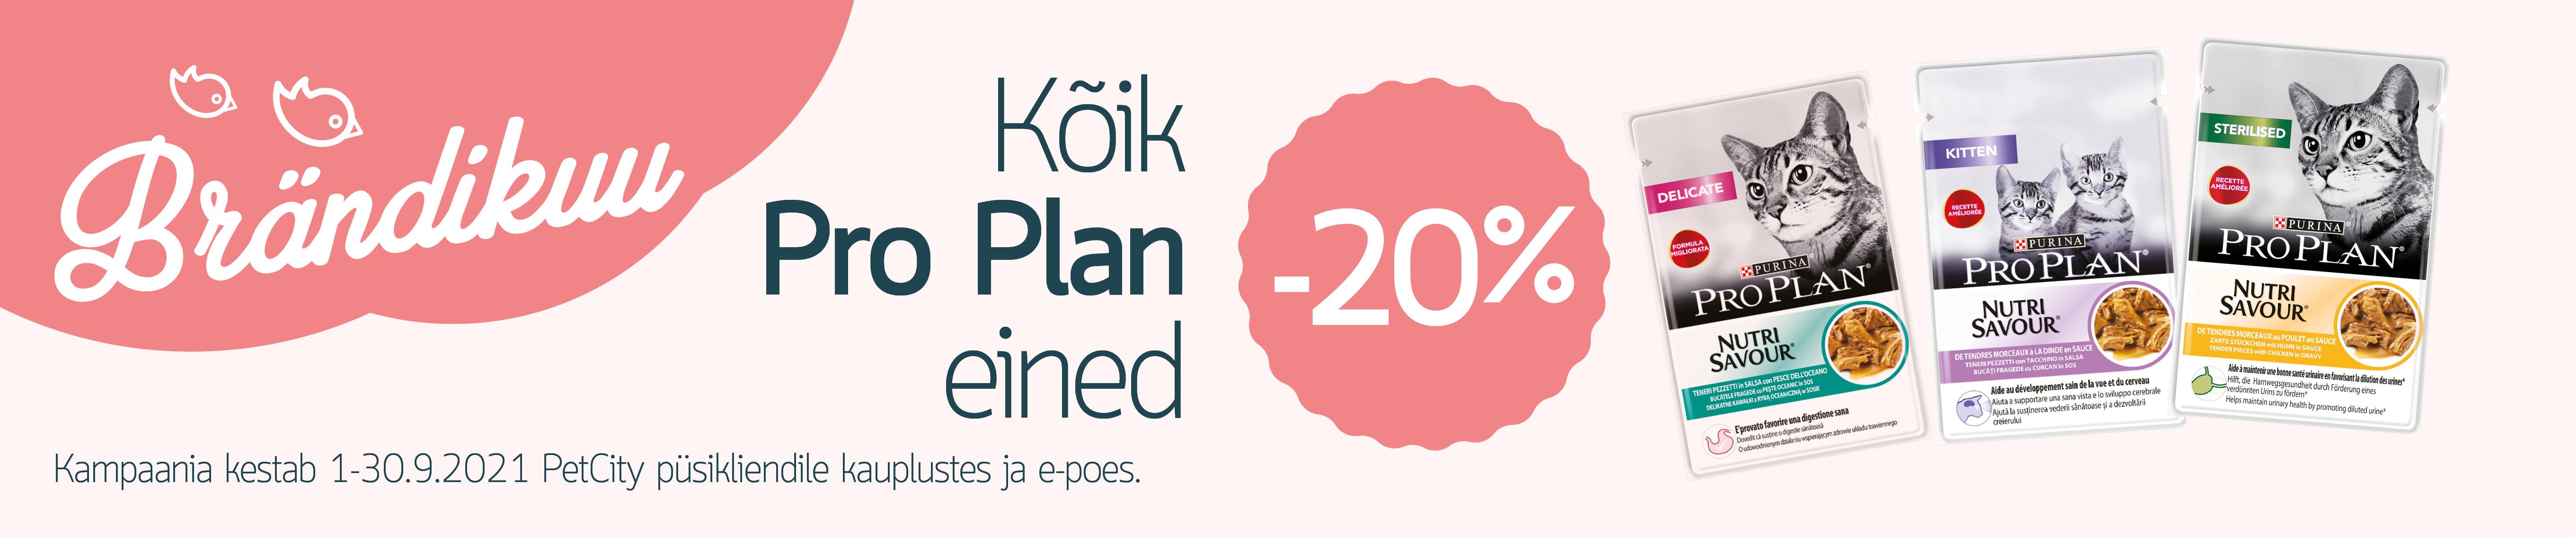 PRO PLAN kassieined -20%